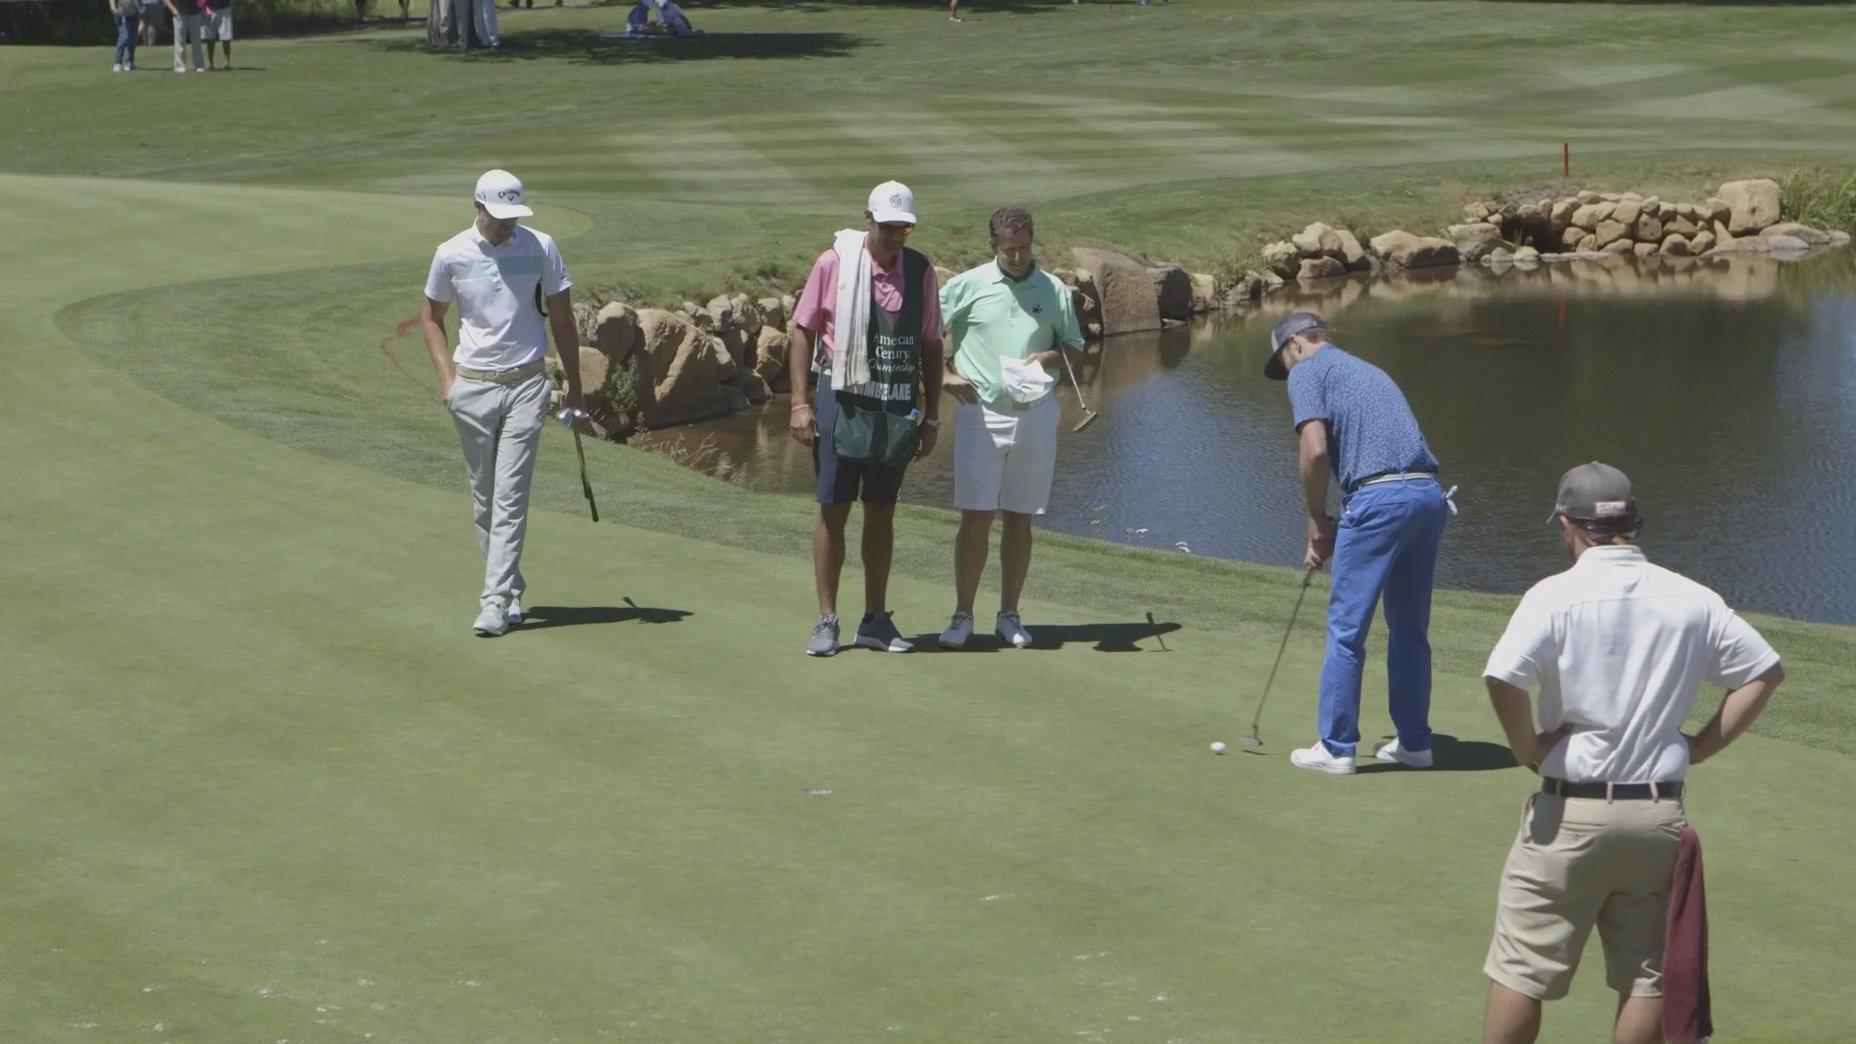 https://golfchannel-a.akamaihd.net/ramp/108/691/fun-young-cool-16x9.jpg